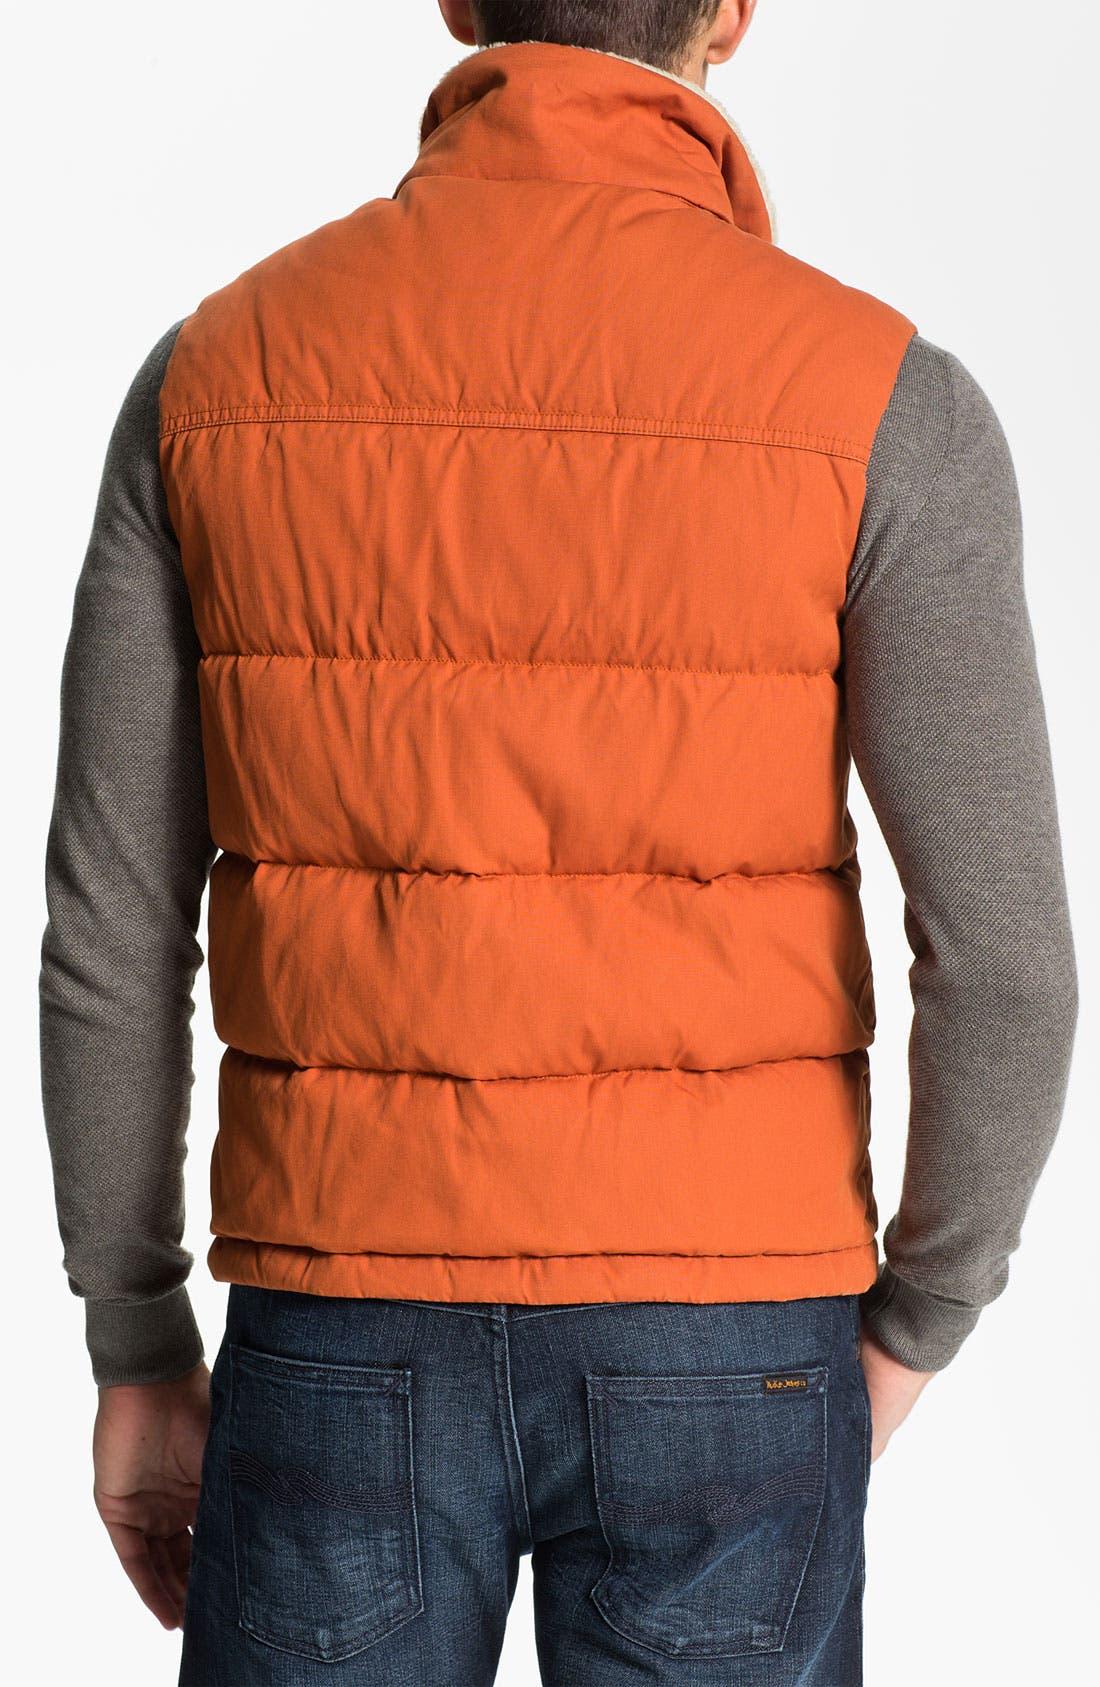 Alternate Image 2  - Façonnable 'Cire' Club Fit Down & Feather Vest with Faux Fur Trim